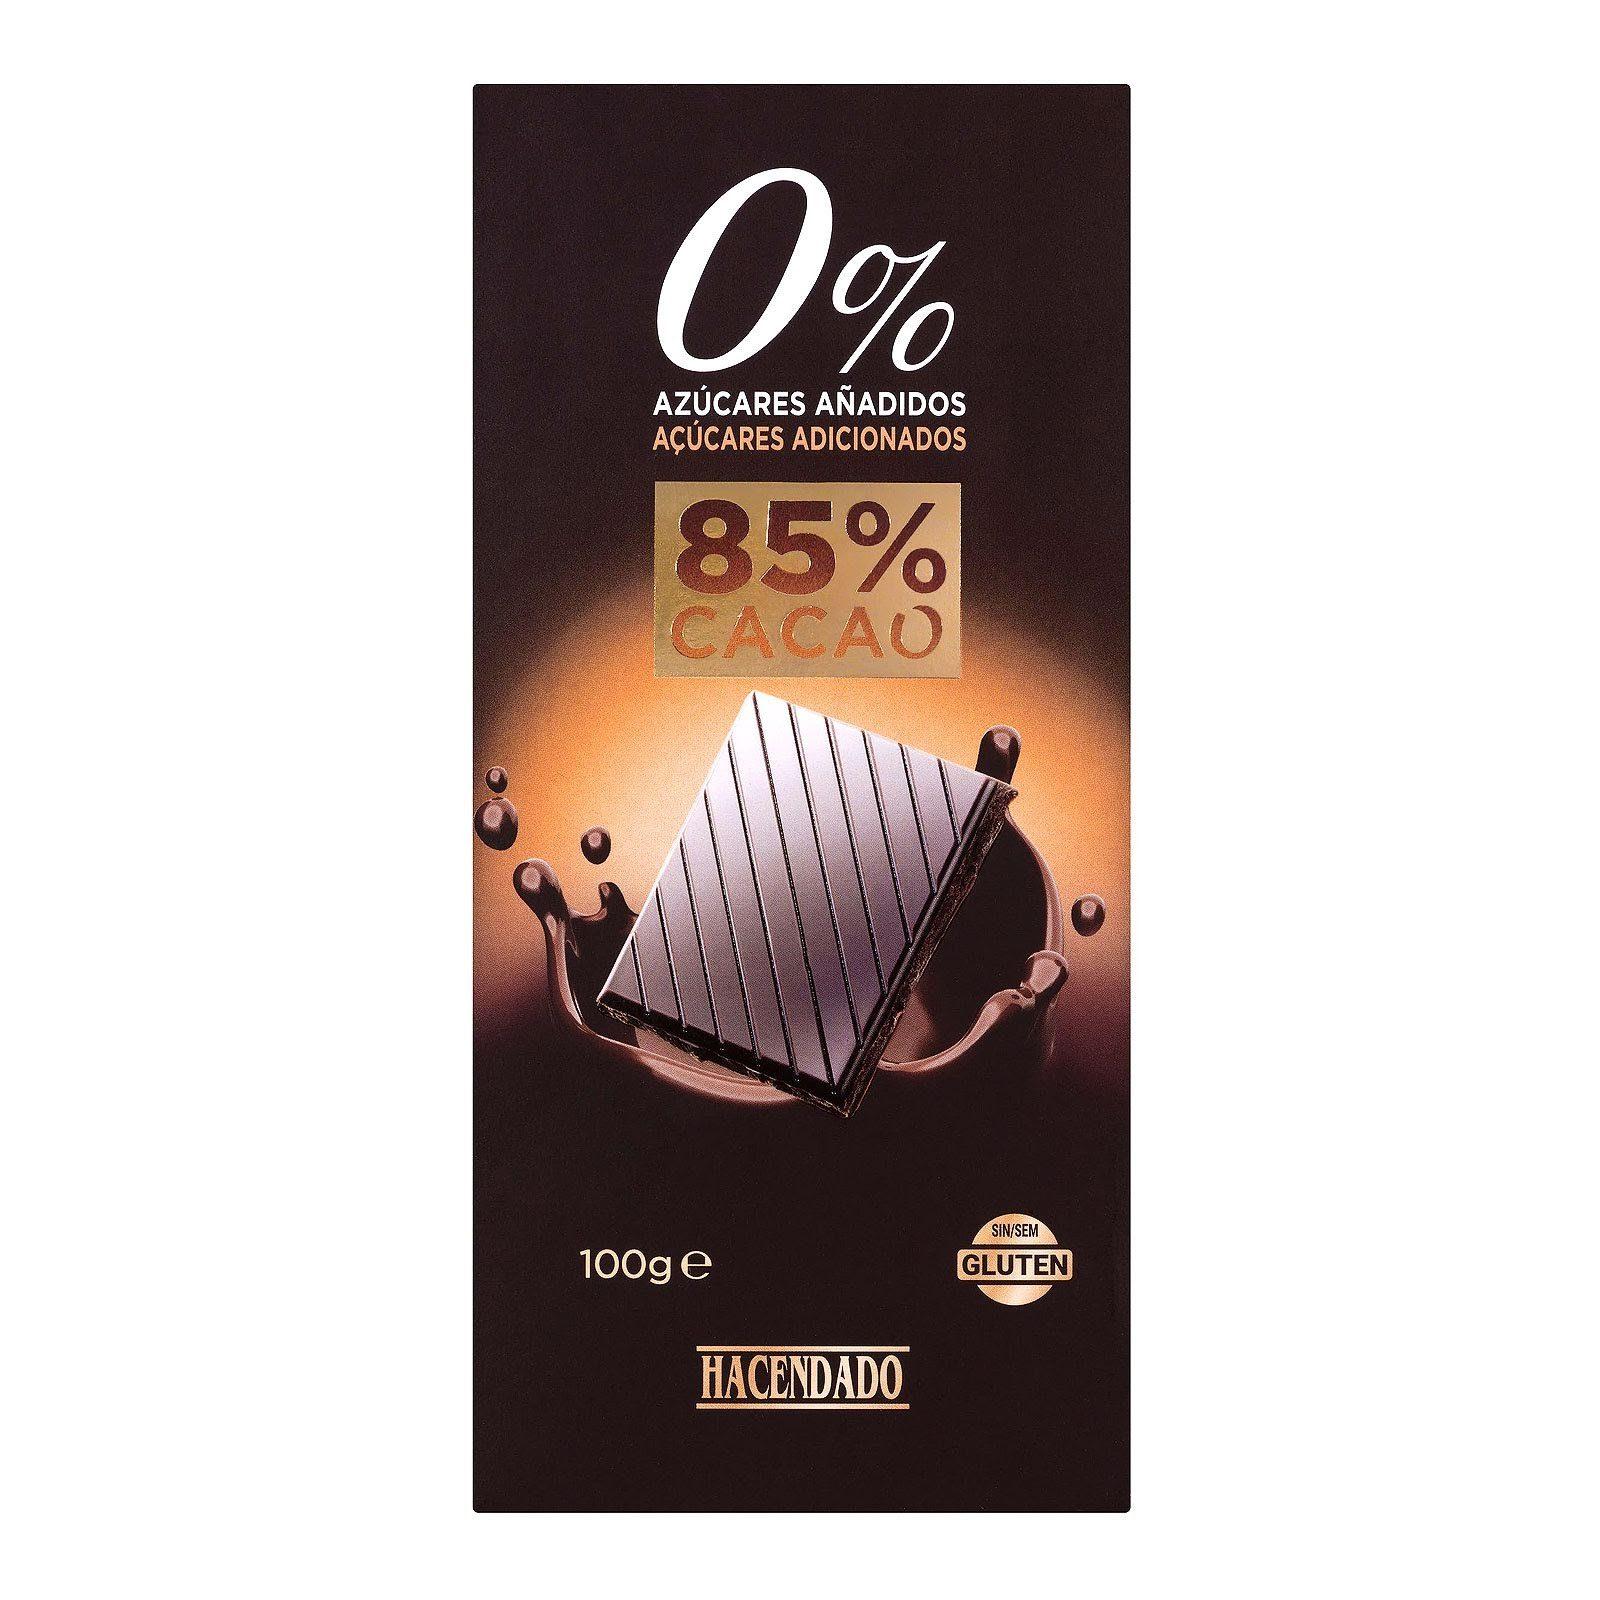 chocolate-negro-extrafino-85-de-cacao-sin-azucares-anadidos-hacendado-mercadona-1-4885182